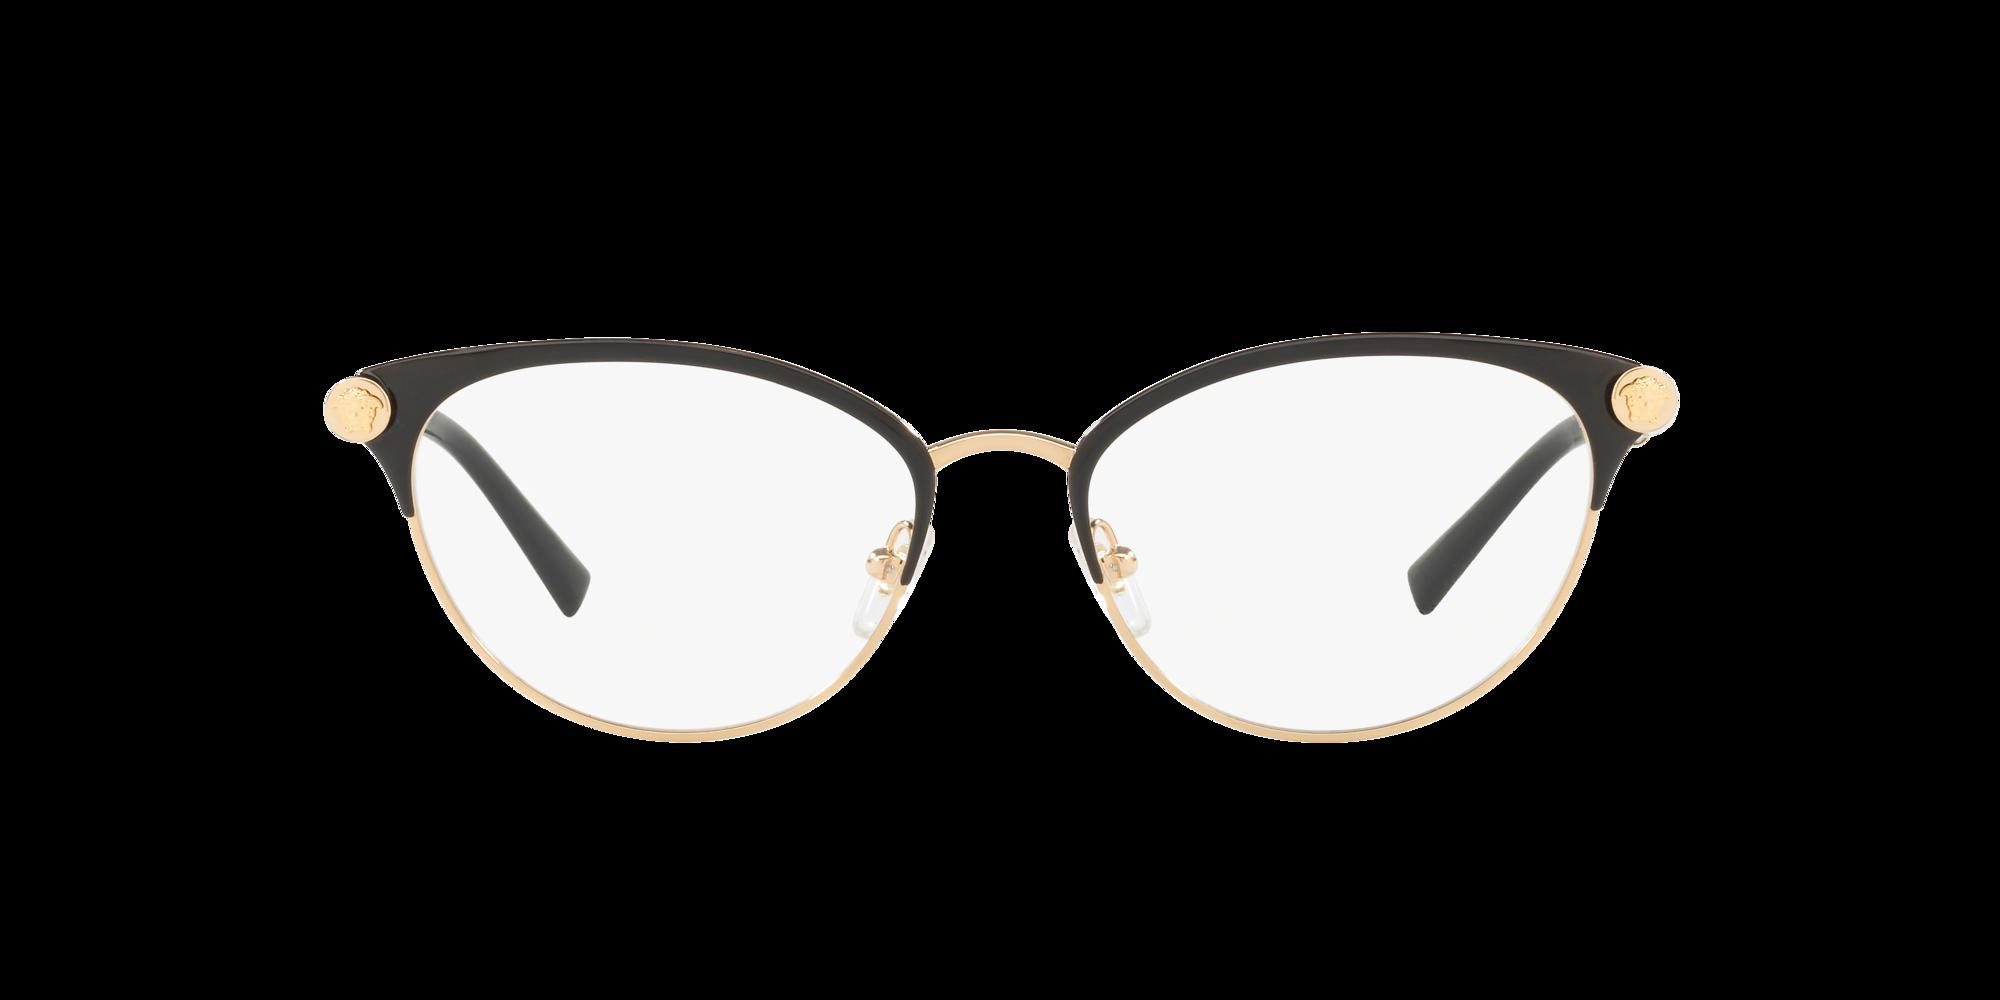 Image for VE1259Q V-ROCK from LensCrafters | Glasses, Prescription Glasses Online, Eyewear